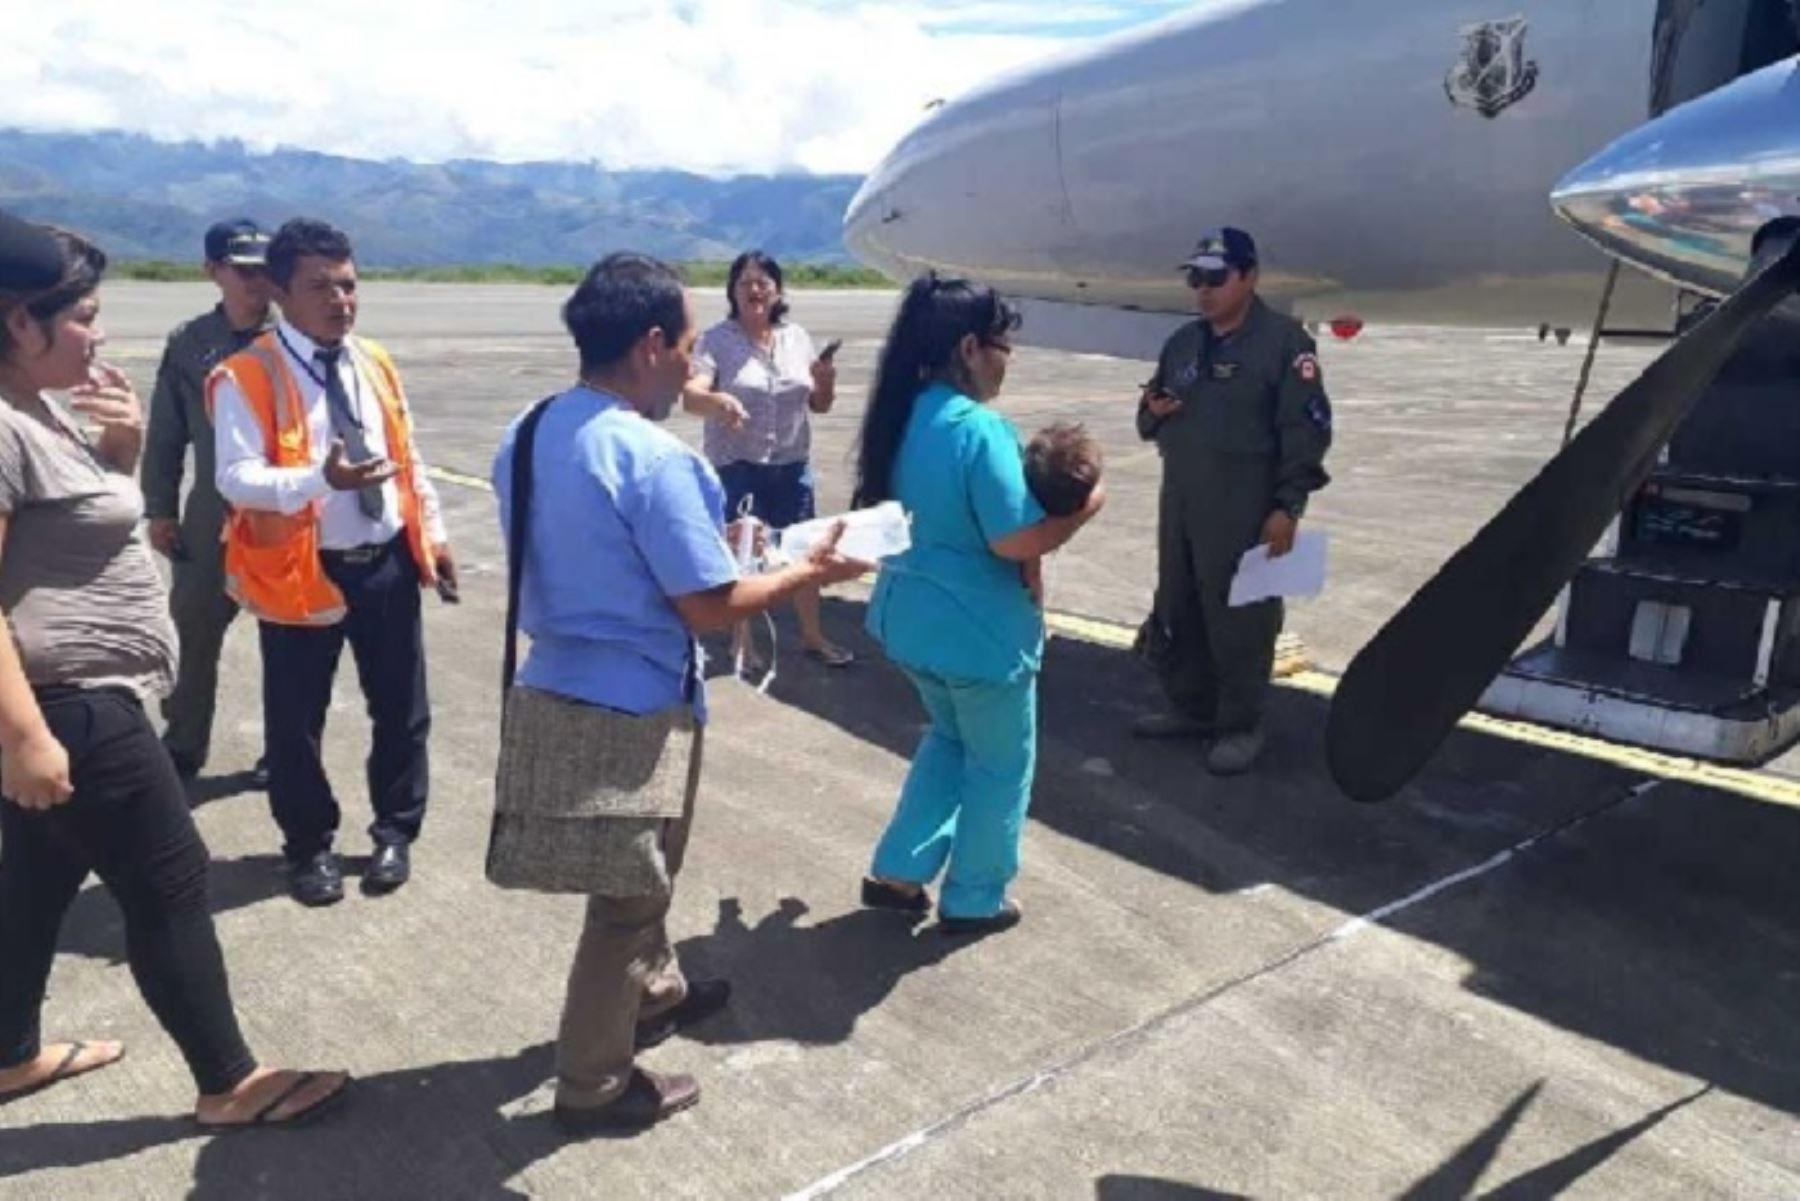 Evacuaciones aeromédicas se realizaron por disposición del ministro de Defensa, José Huerta Torres, ante un requerimiento del Minsa,, debido a la condición de gravedad de los pacientes.